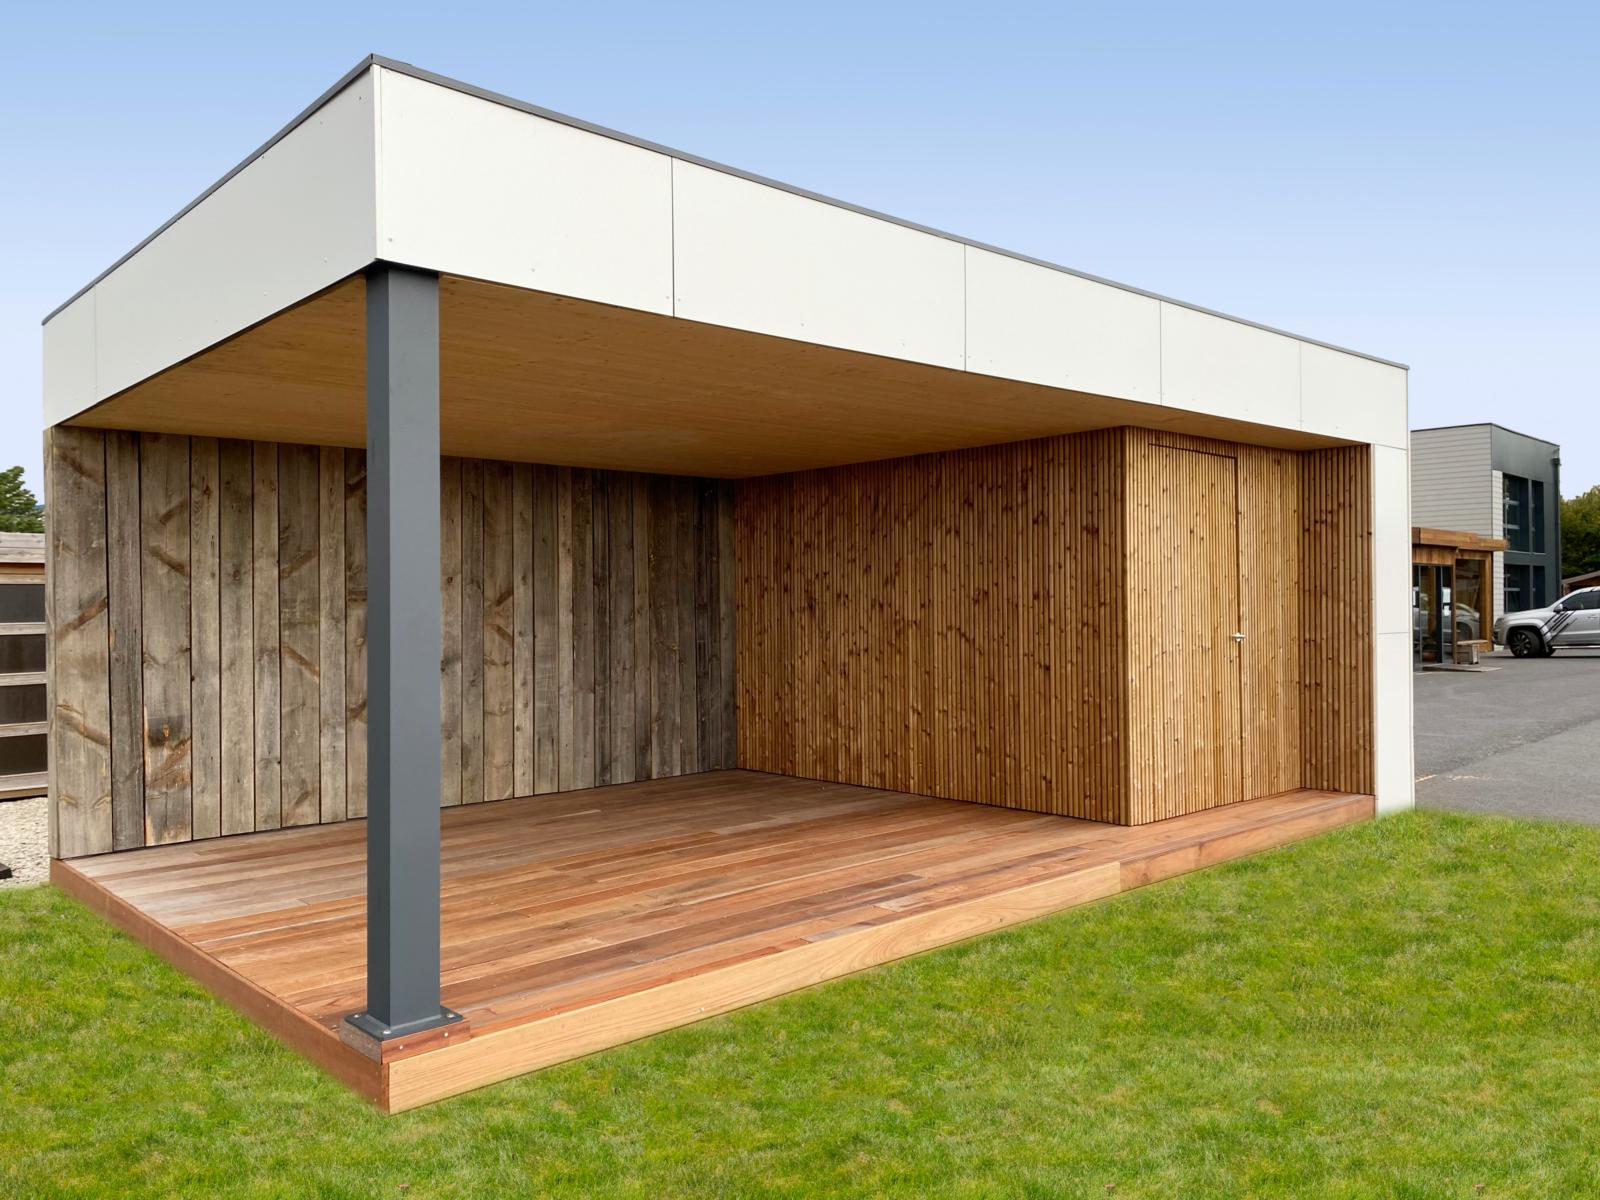 Pool-House ouvert bardage alu dibond / vieux bois / épicéa rétifié | Plancher IPE